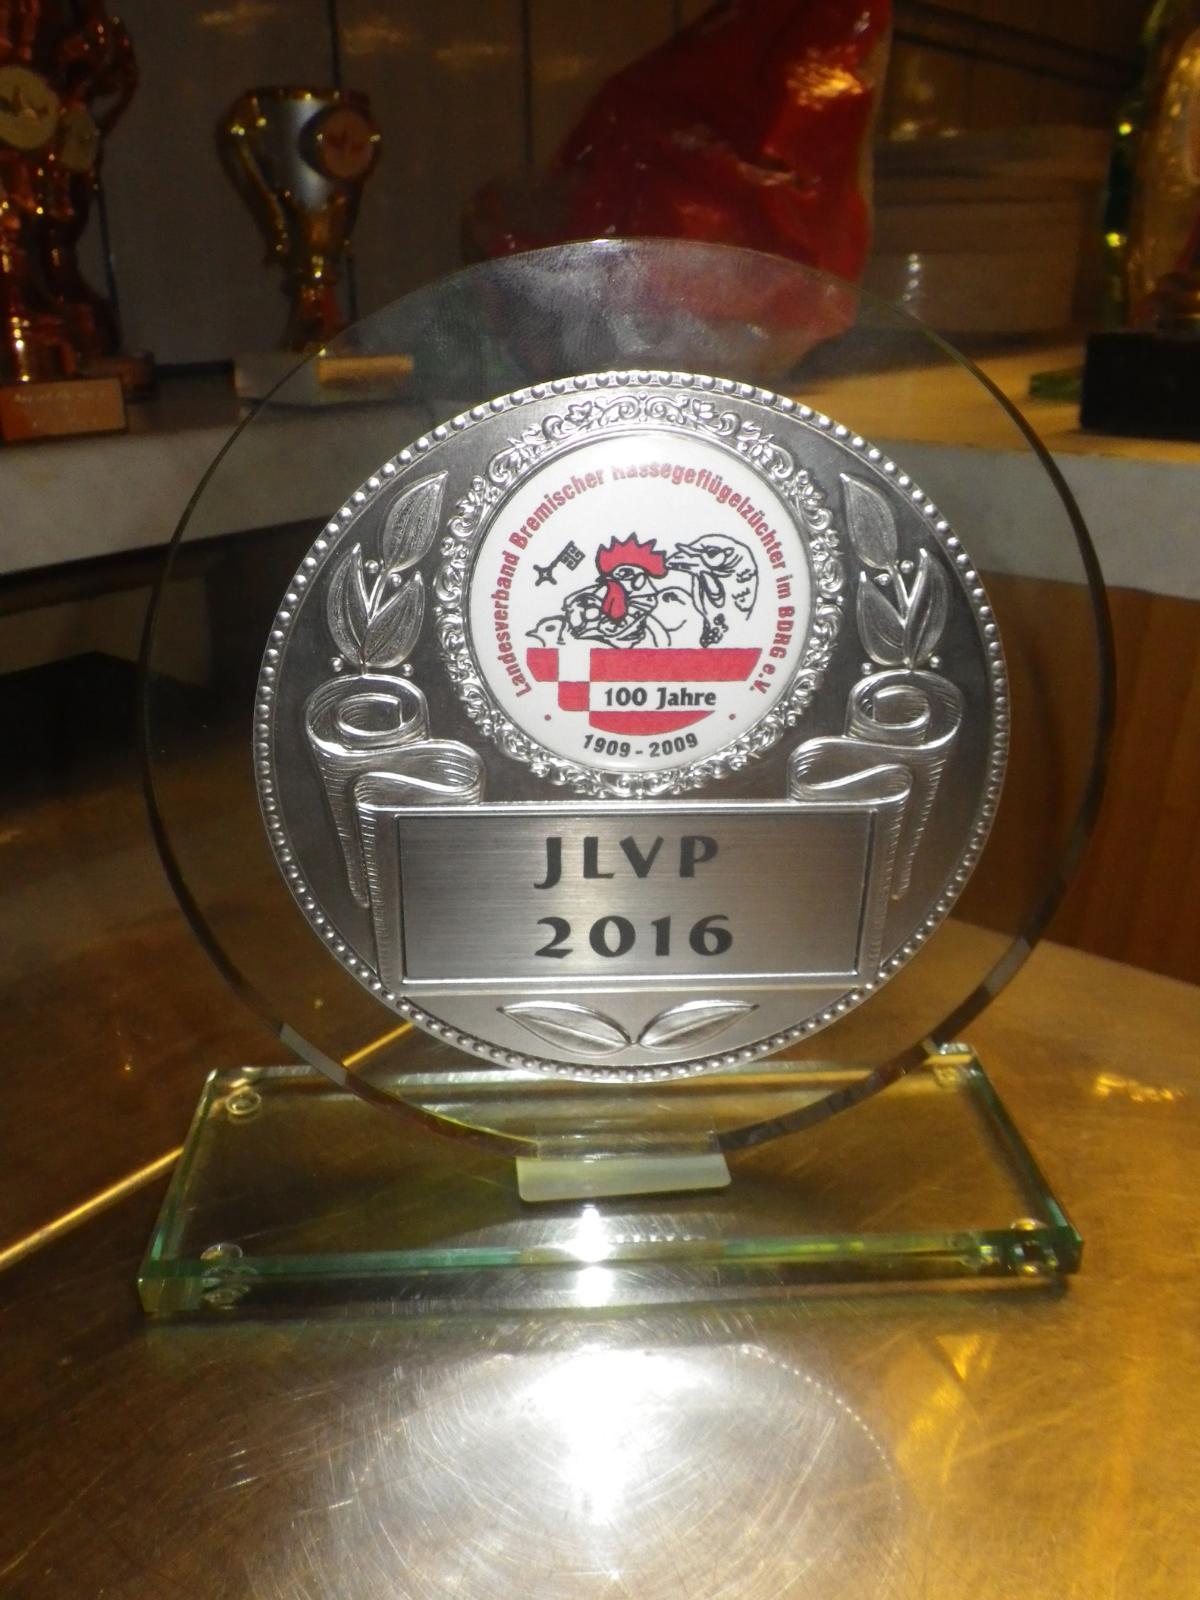 Am Sonntag um 17:00 Uhr findet wie immer die Preisverleihung statt - Unser 1. Vorsitzender P. Wicknig und die Ortsvorsteherin von Hagen, G. Schwertfeger vergeben die Pokale und...